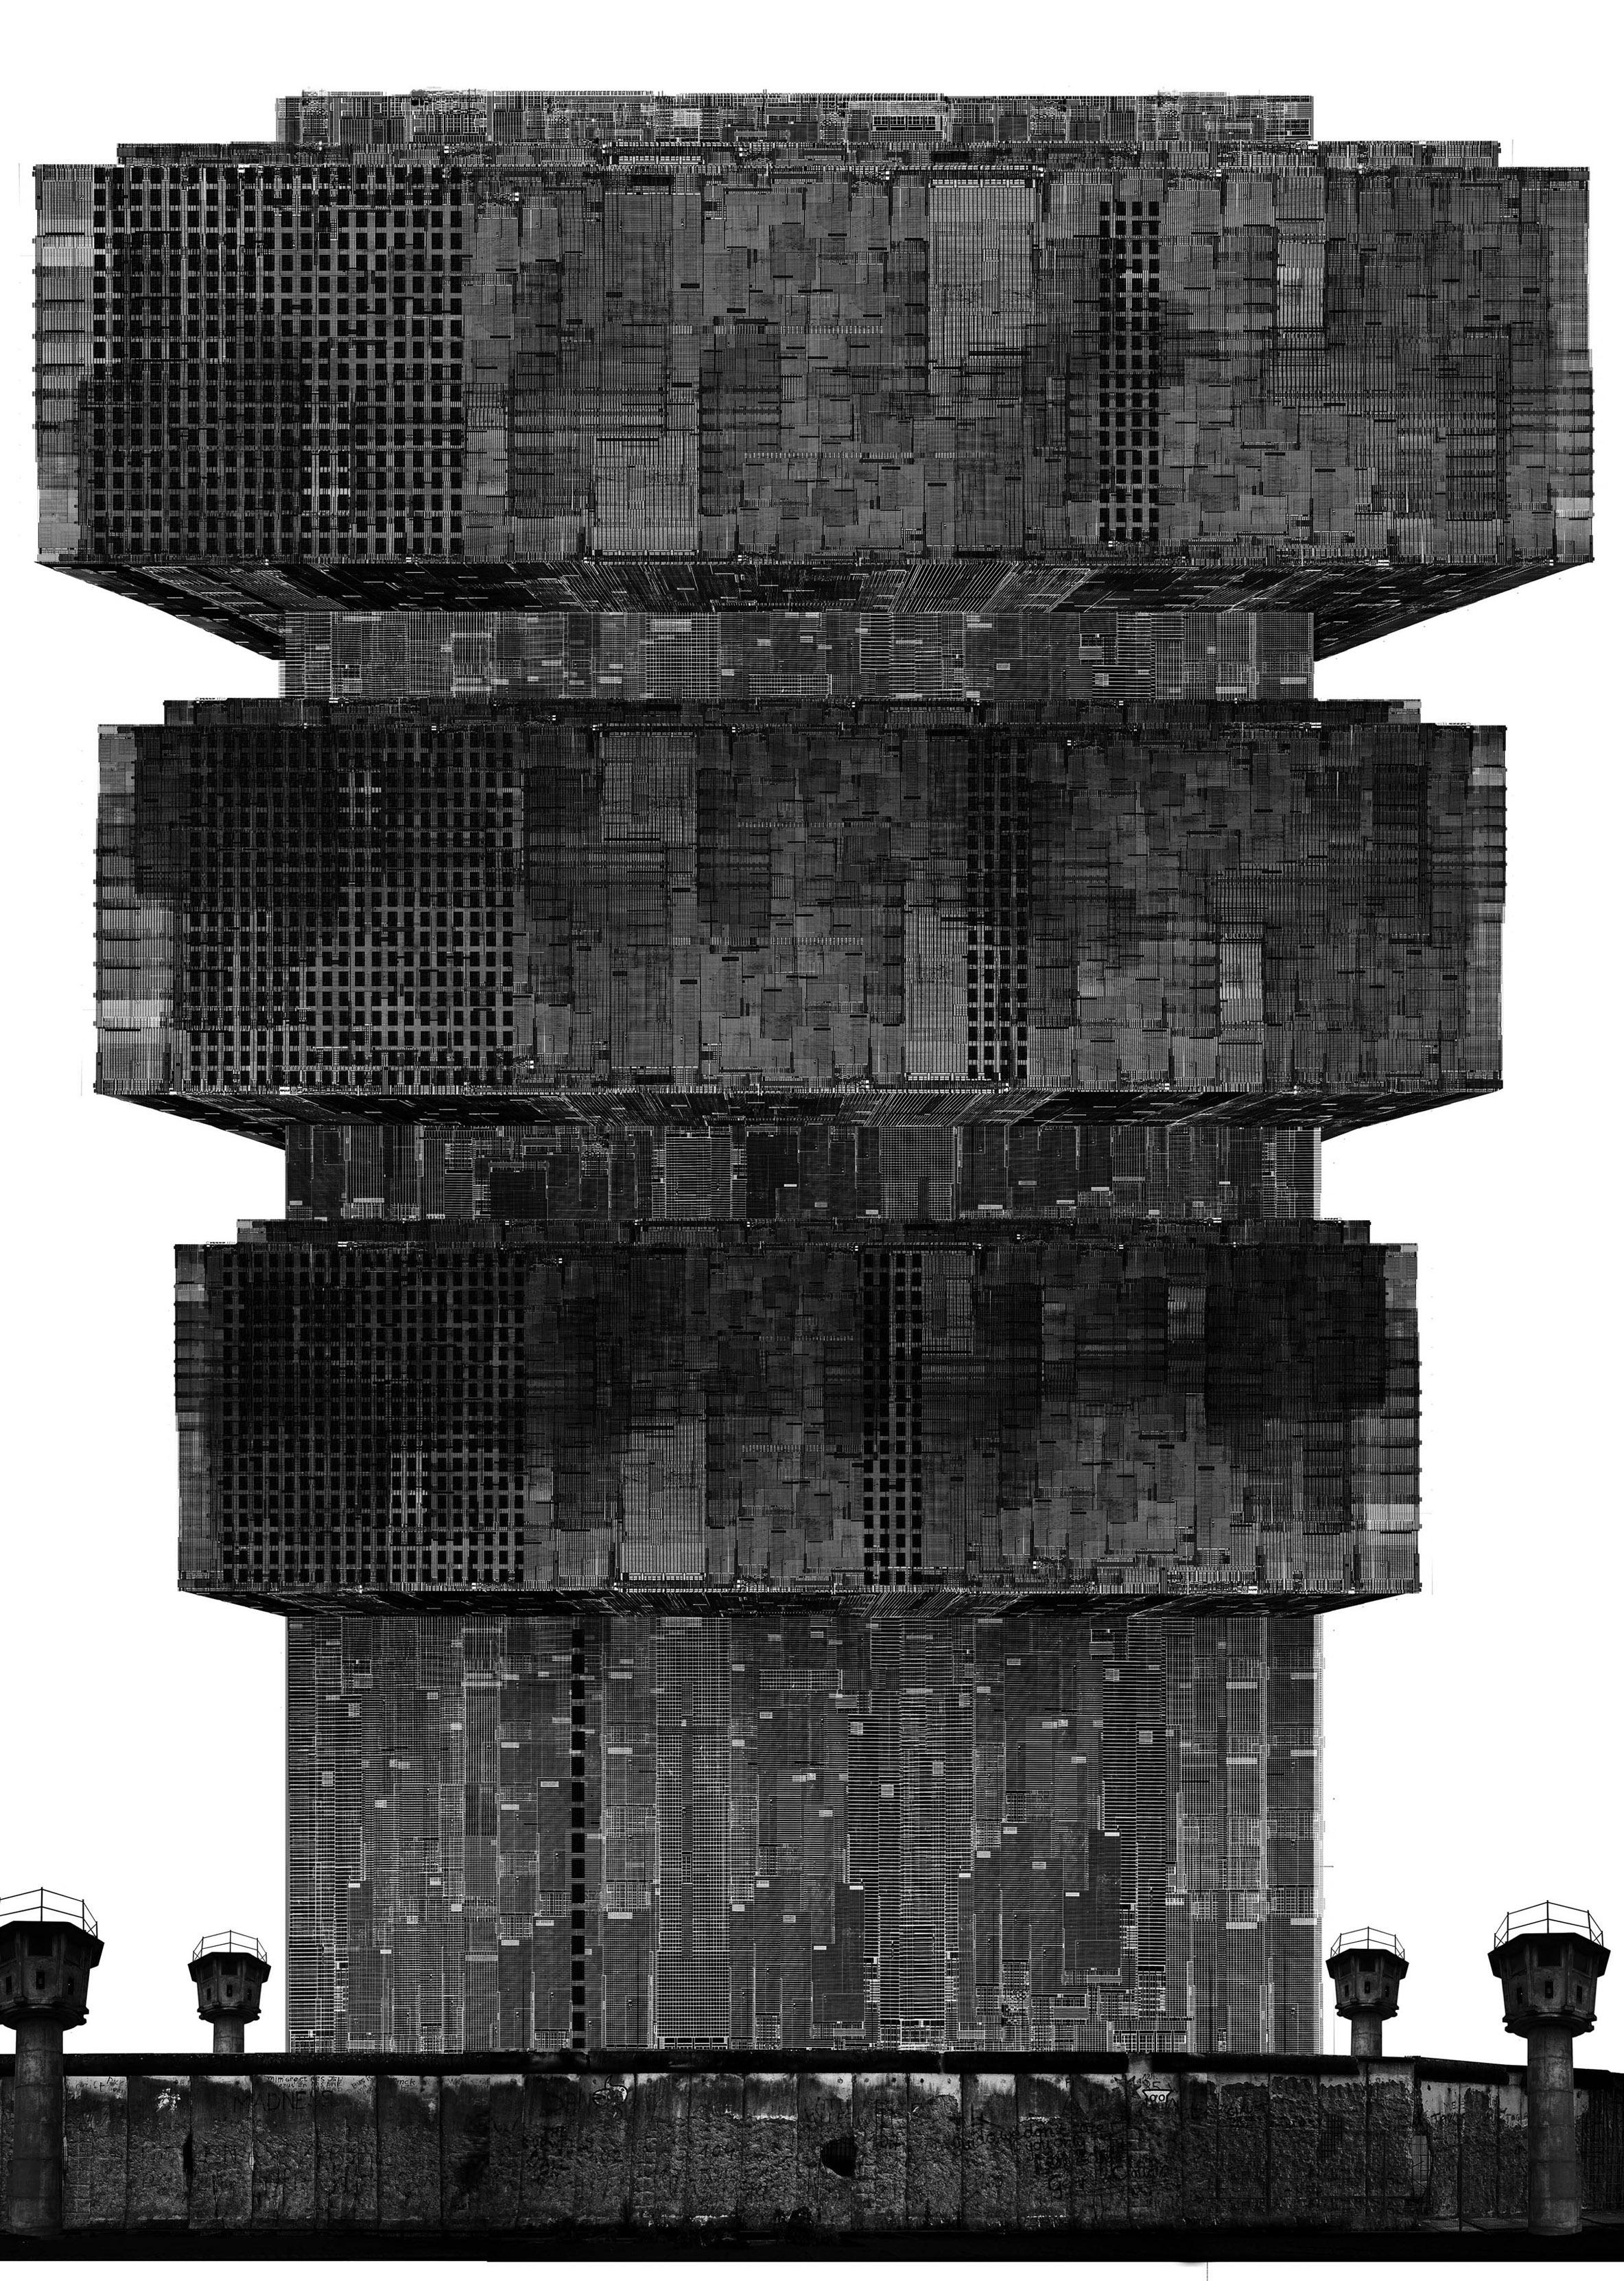 Morium   2010  35 in. x 50 in  archival inkjet print